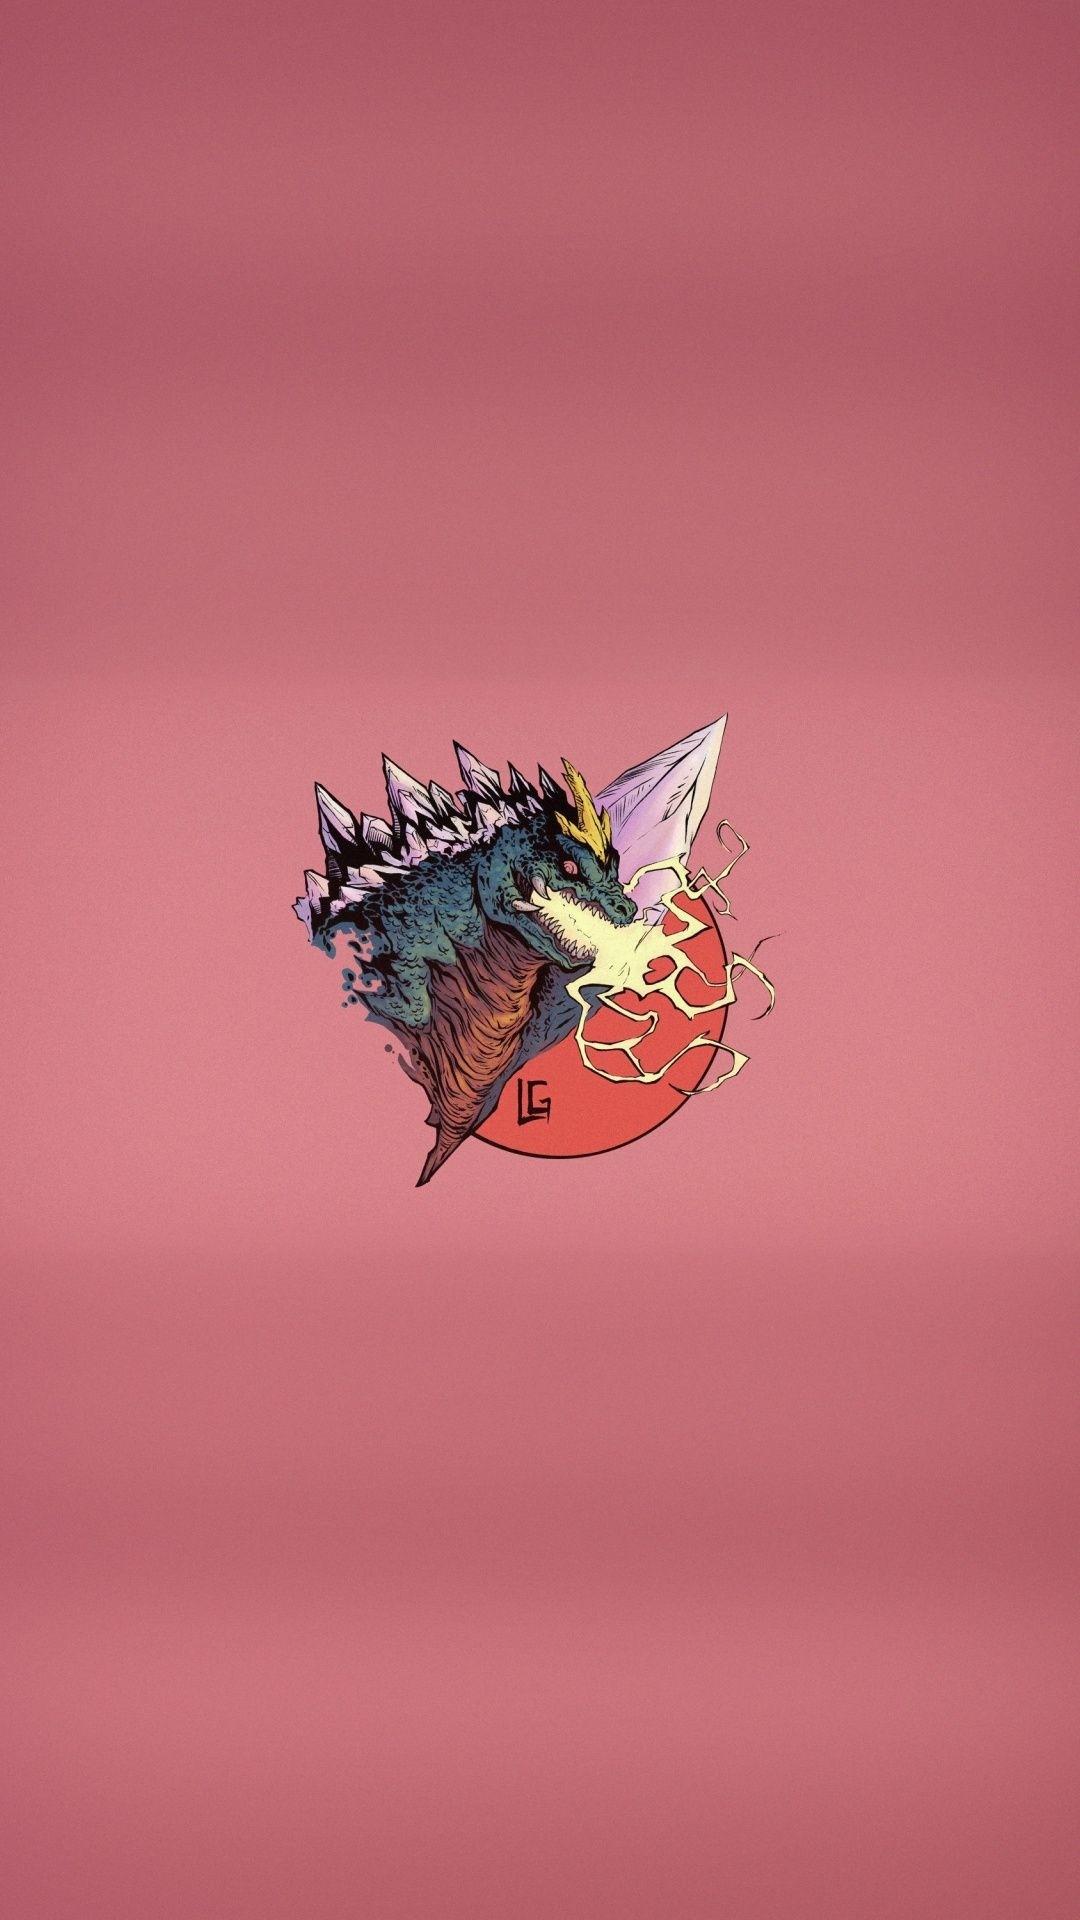 Godzilla iPhone hd wallpaper